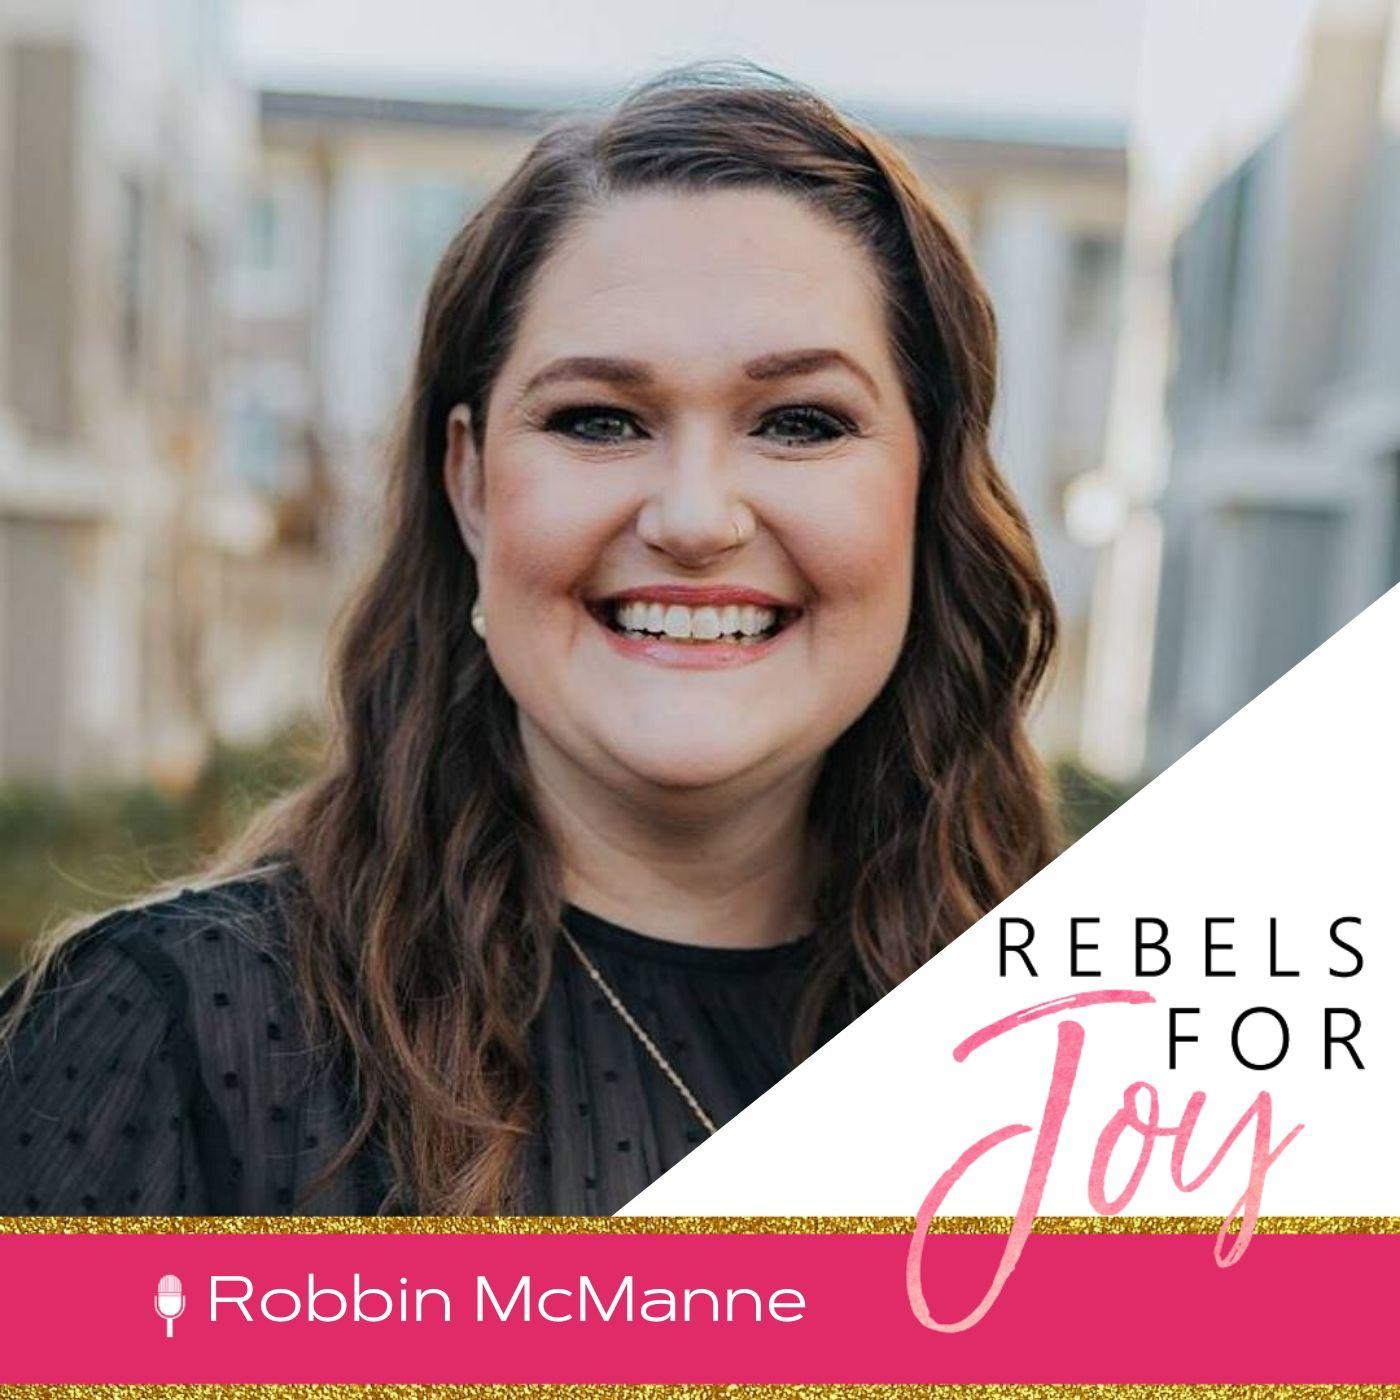 Episode 14: Robbin McManne